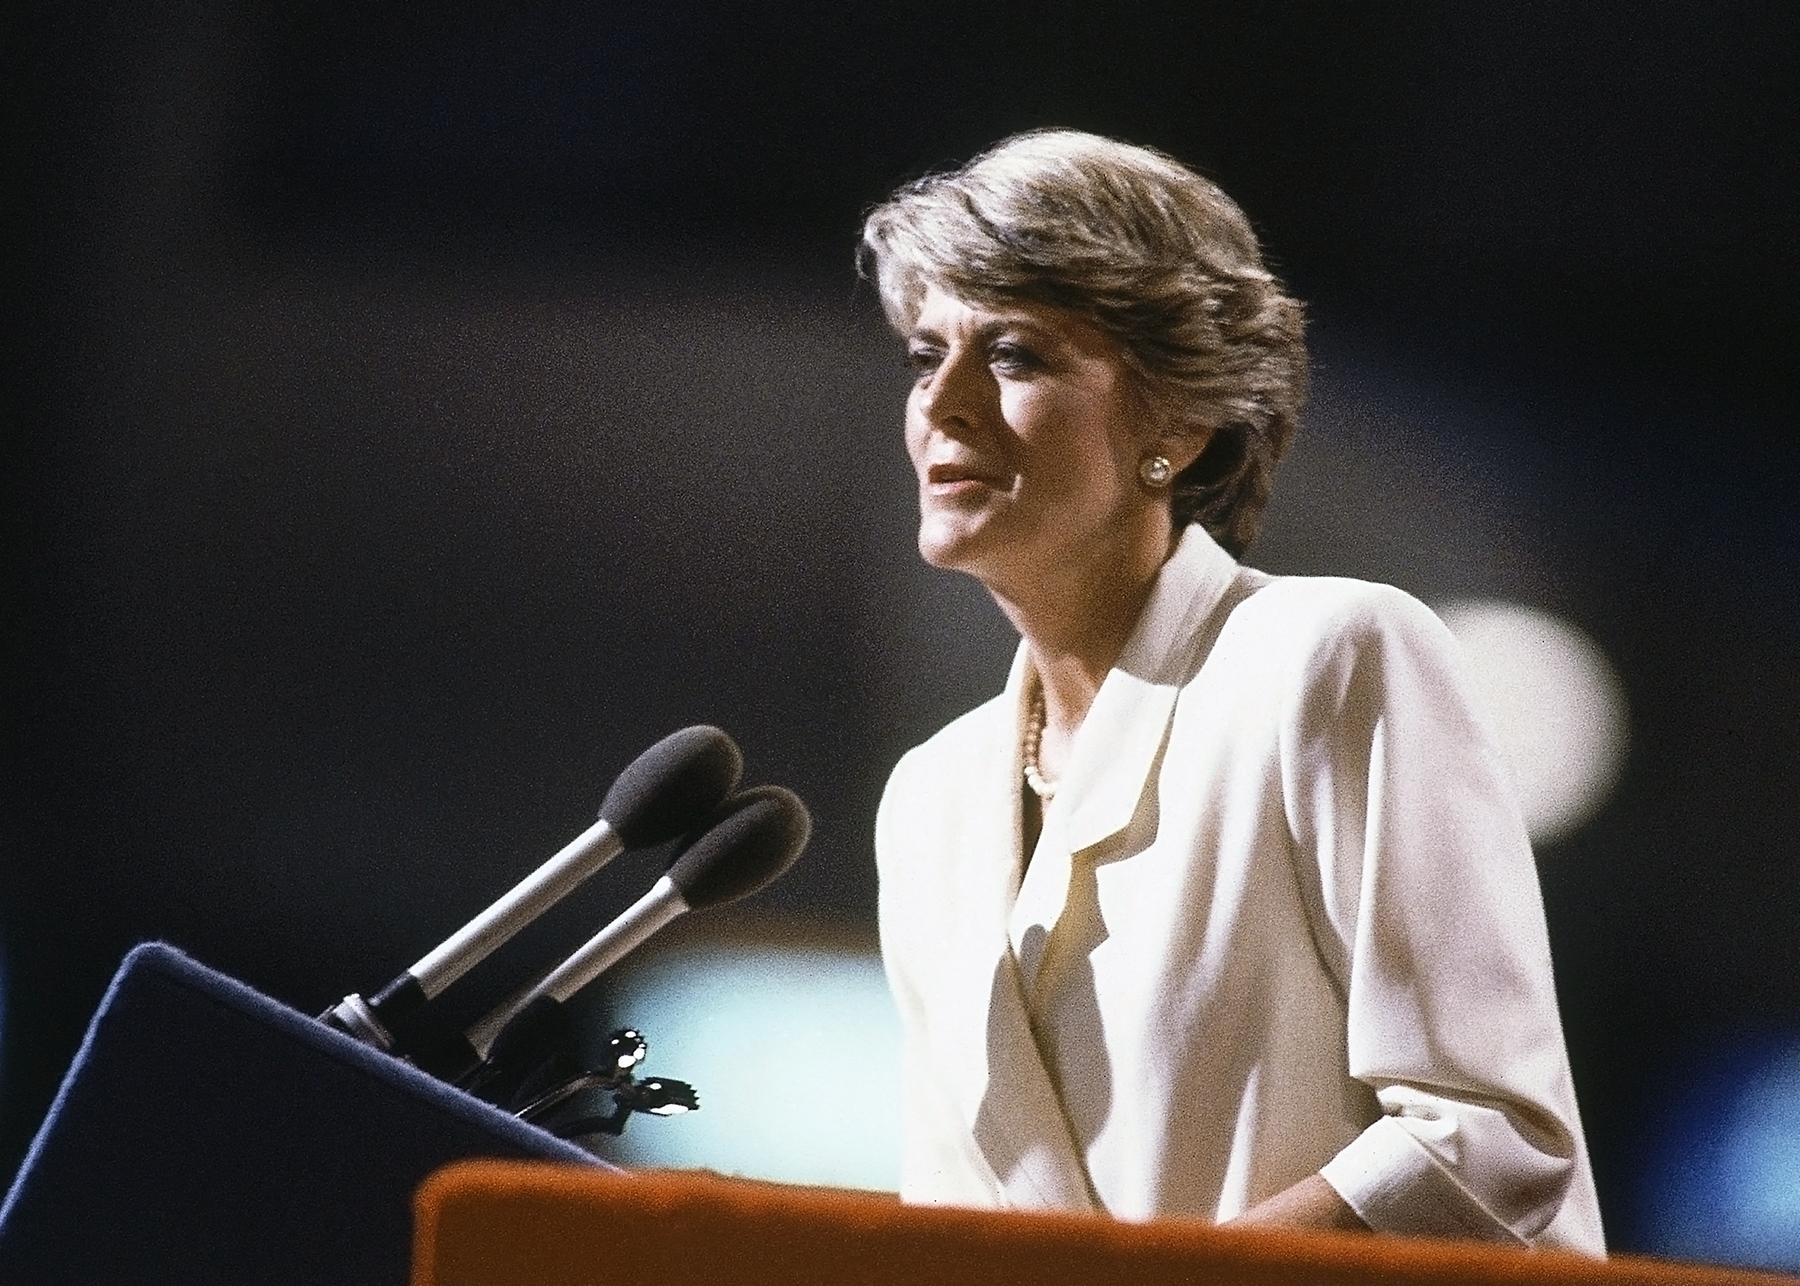 Geraldine Ferraro speaking at lectern (© AP Images)